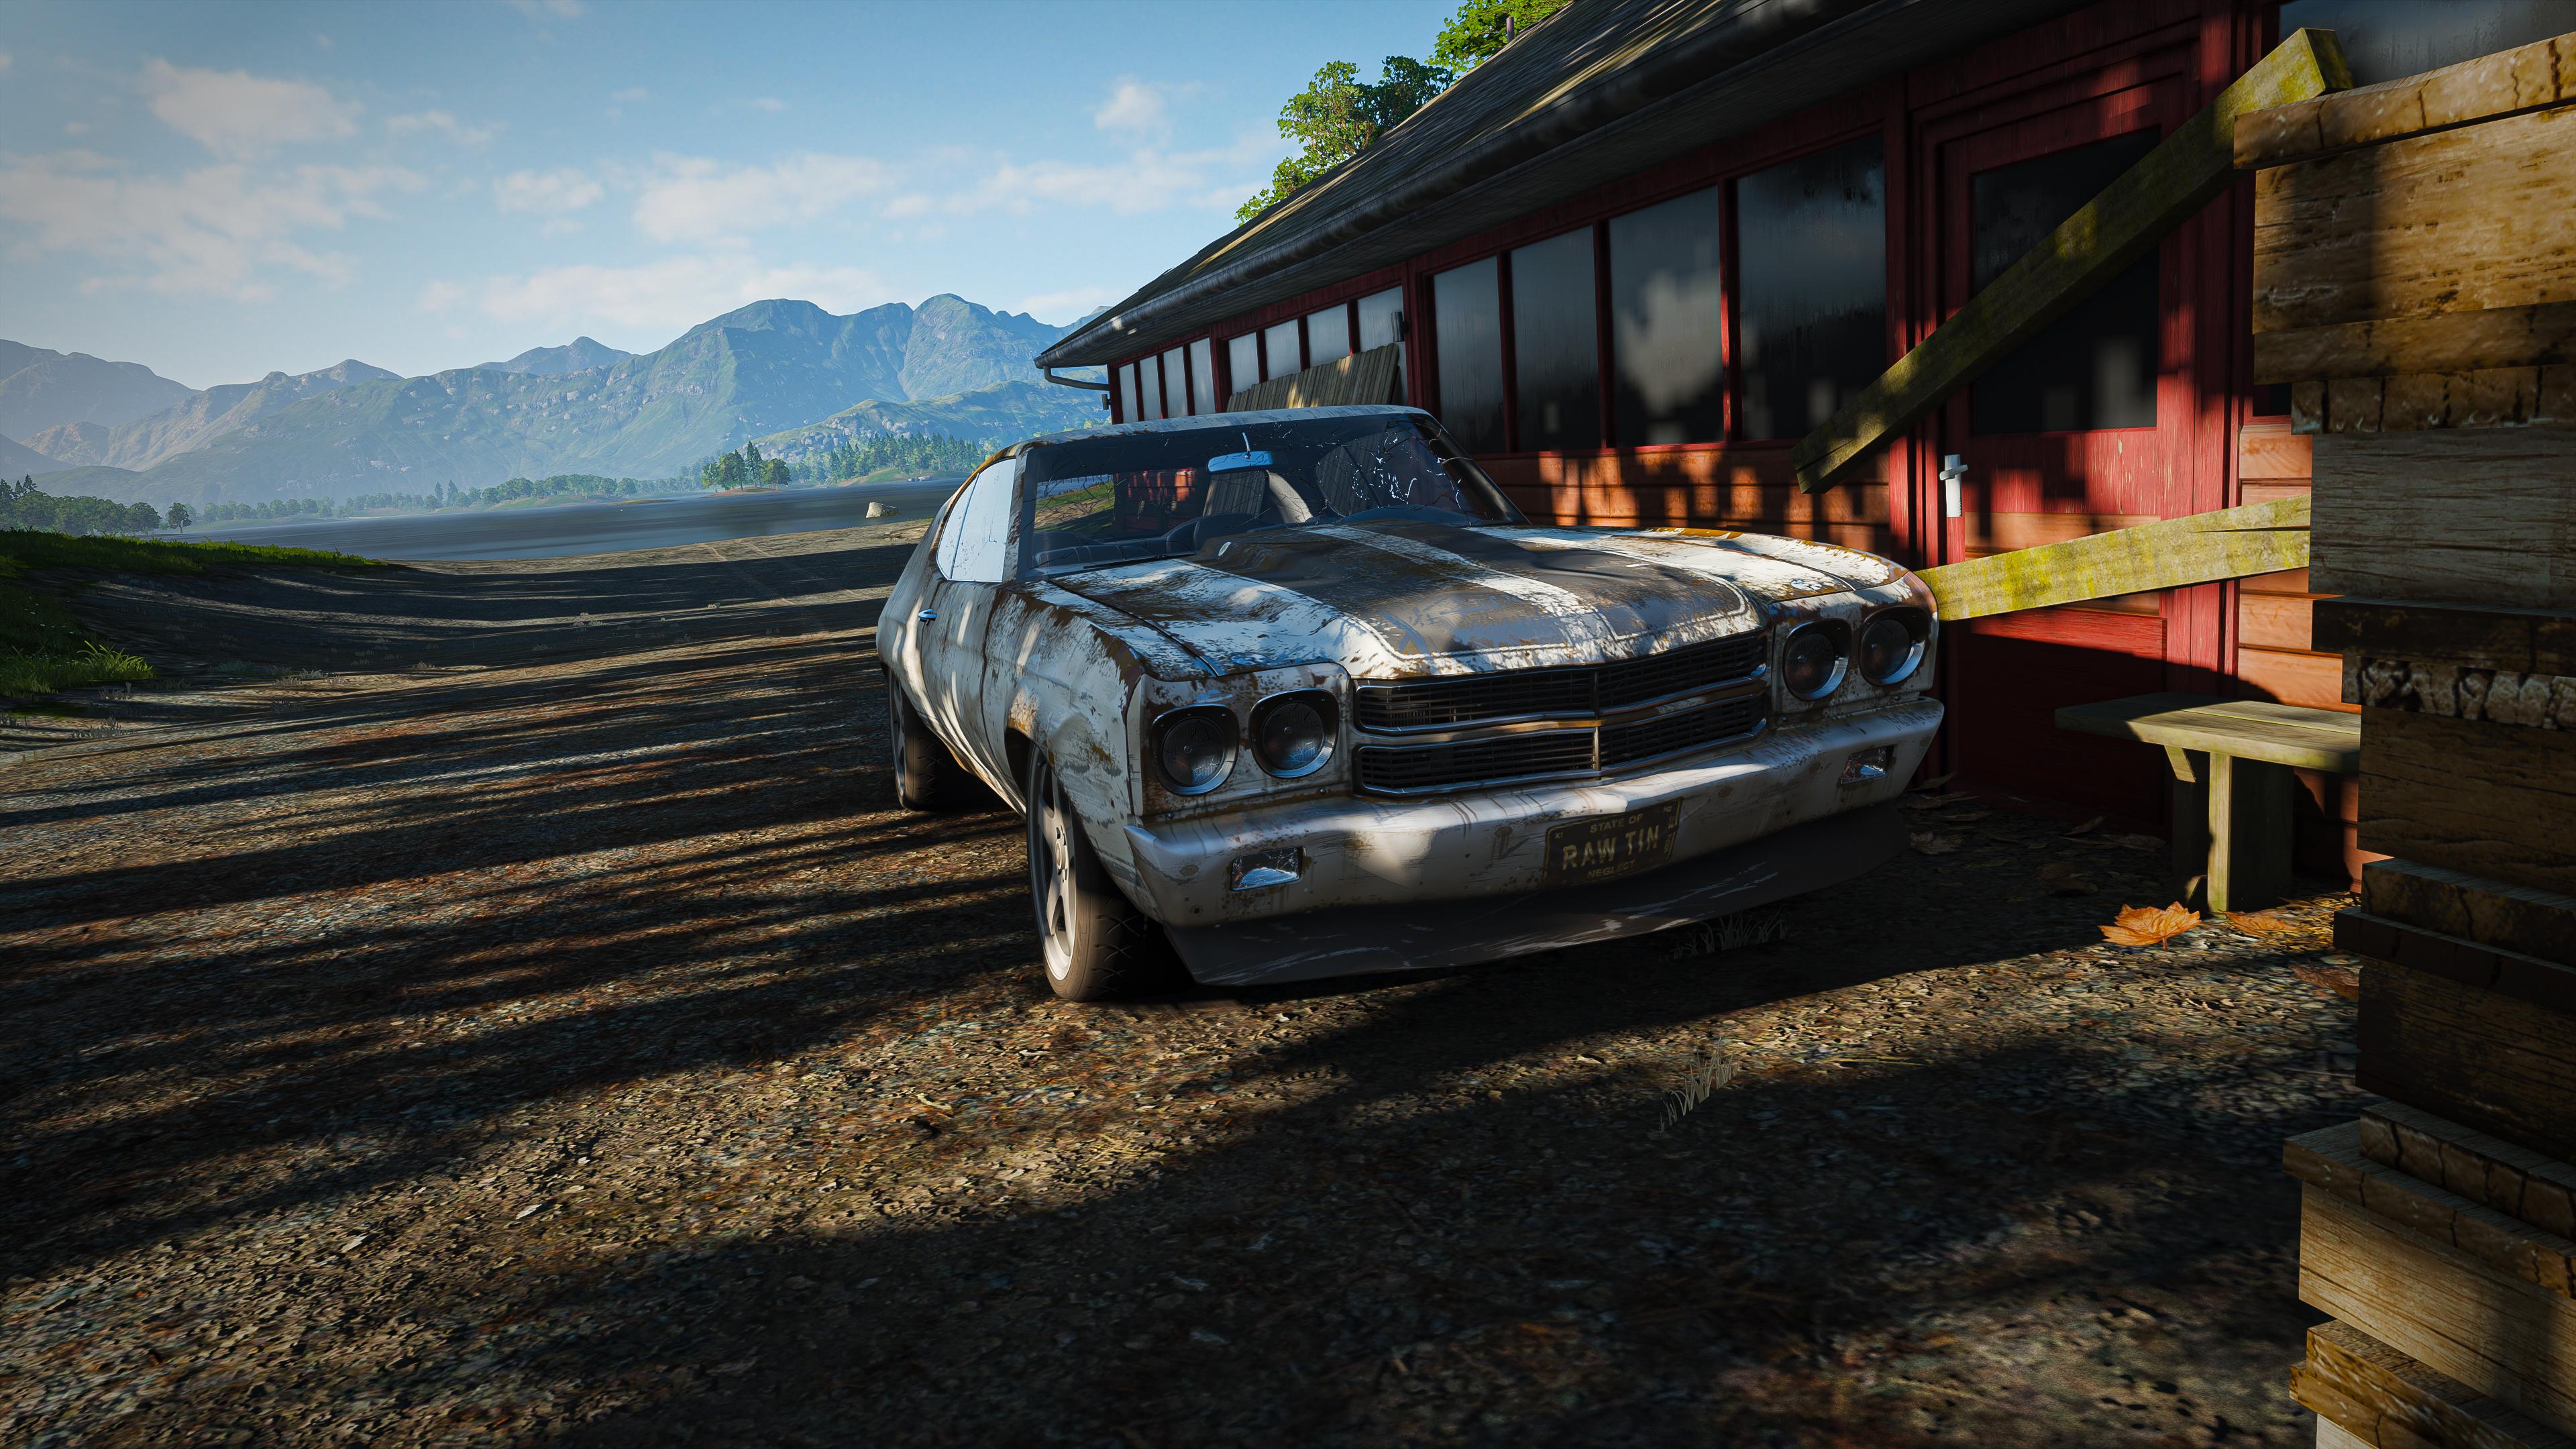 Forza Forza Horizon 4 Forza Games Chevrolet Forza Horizon 5 Realistic Car Race Cars Vehicle 1970 Che 3840x2160